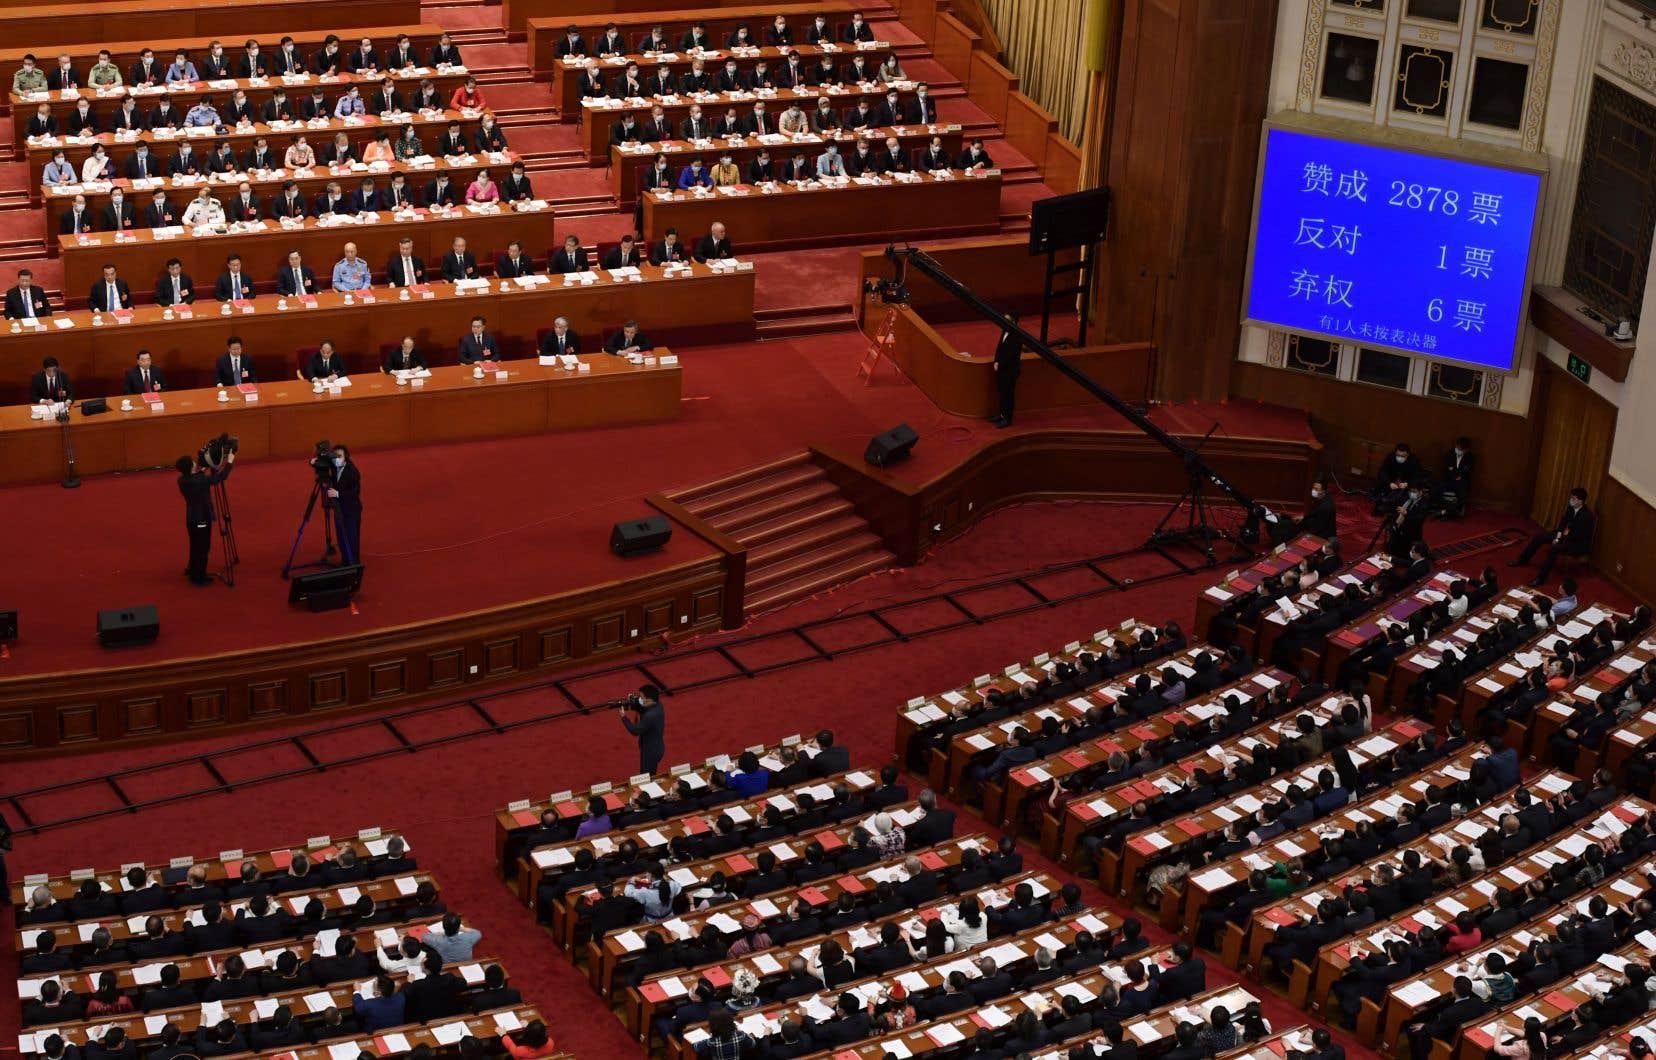 Le projet de loi sur la sécurité nationale à Hong Kong a reçu l'aval jeudi à Pékin du parlement national, totalement acquis au Parti communiste chinois.